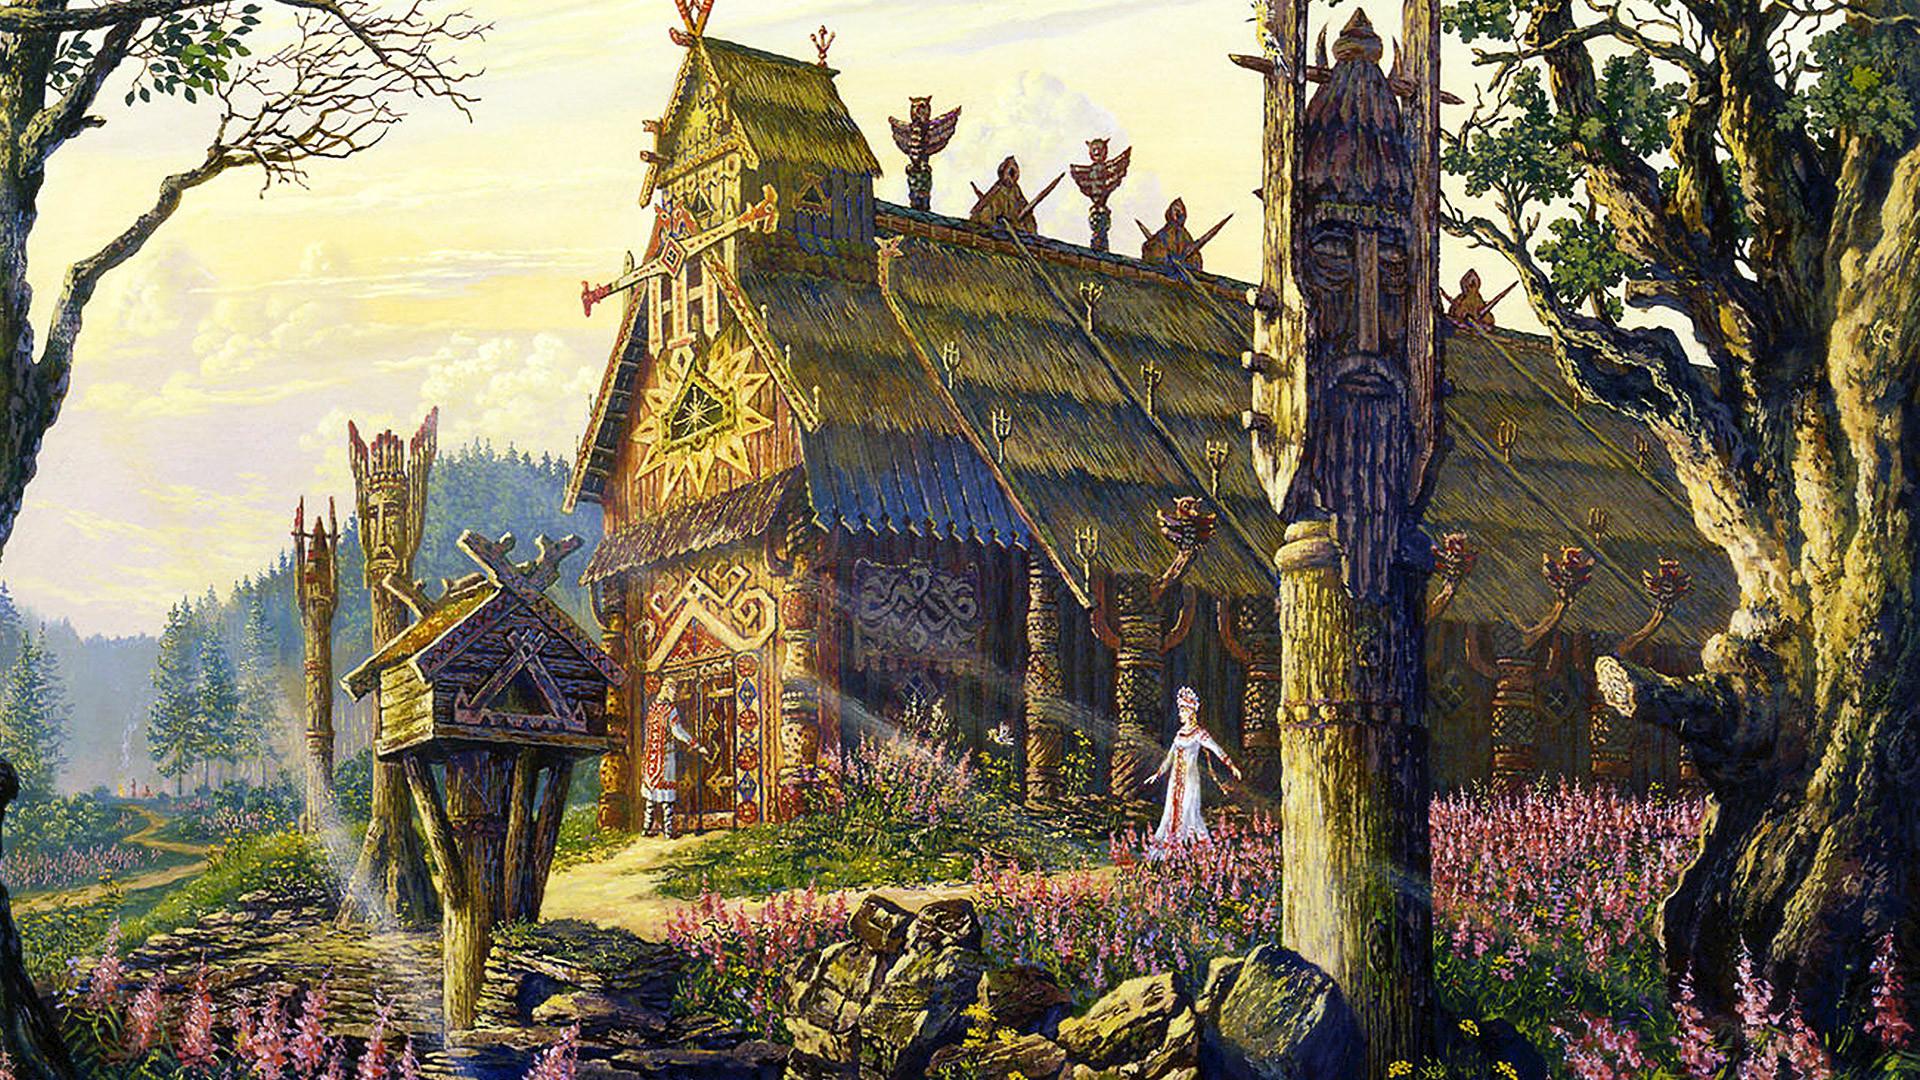 スラヴ神の神殿、ヴセーヴォロド・イワノフ画